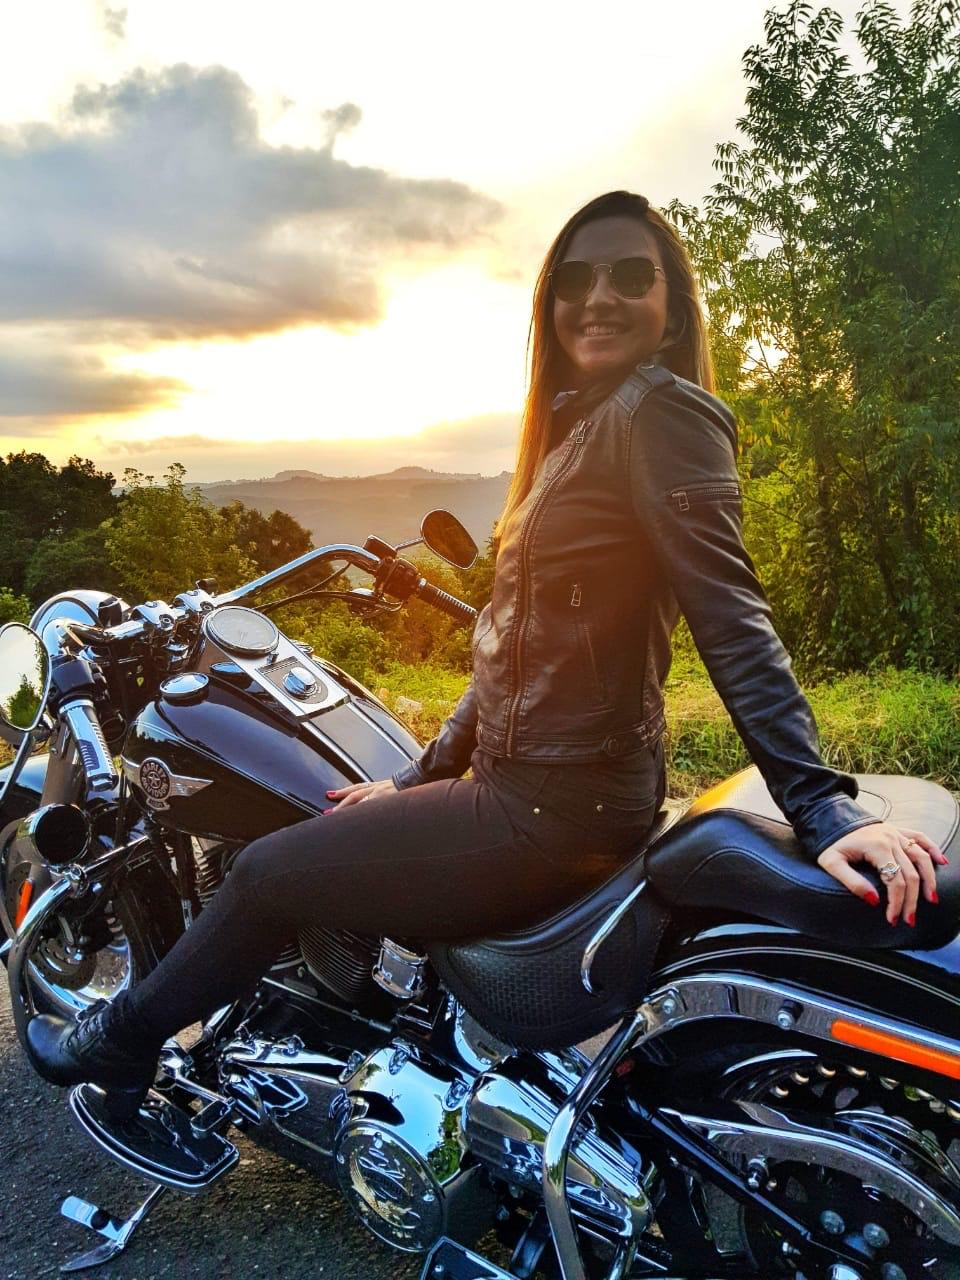 Cristalina sentada sobre uma moto.